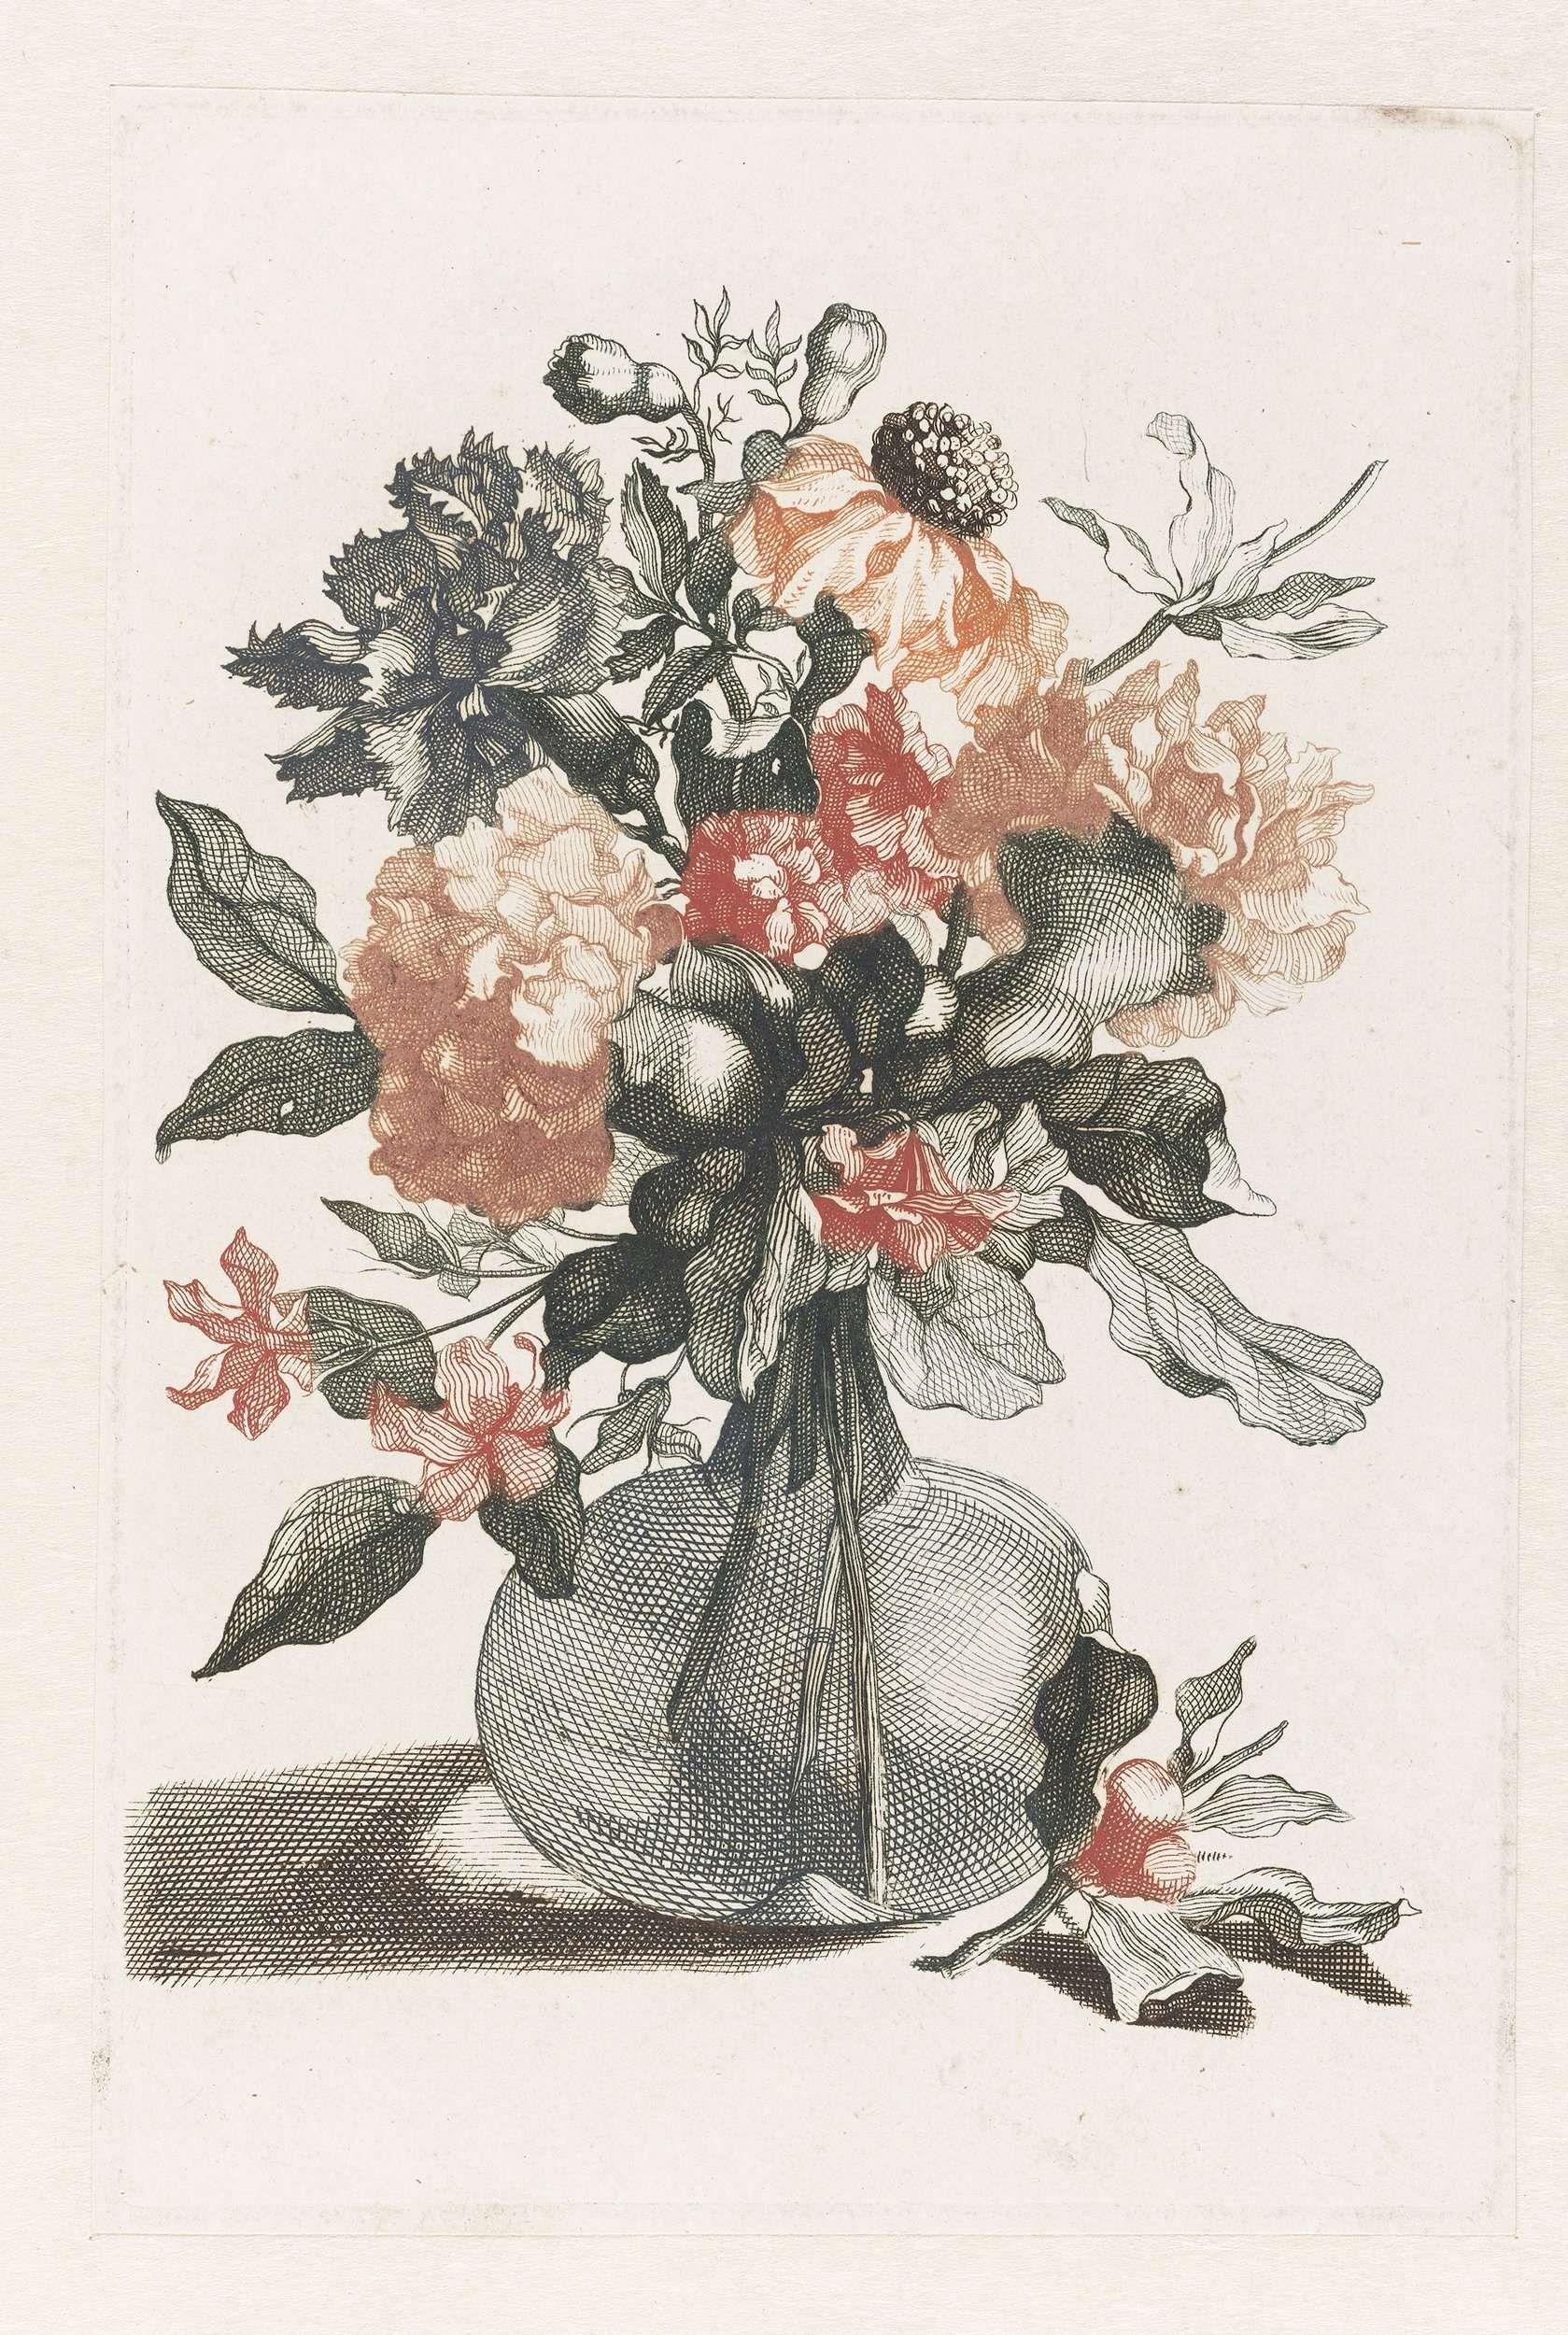 Anonymous | Glazen vaas met bloemen en voor de vaas een tak met bloem, Anonymous, Jean Baptiste Monnoyer, Johan Teyler, 1688 - 1698 |